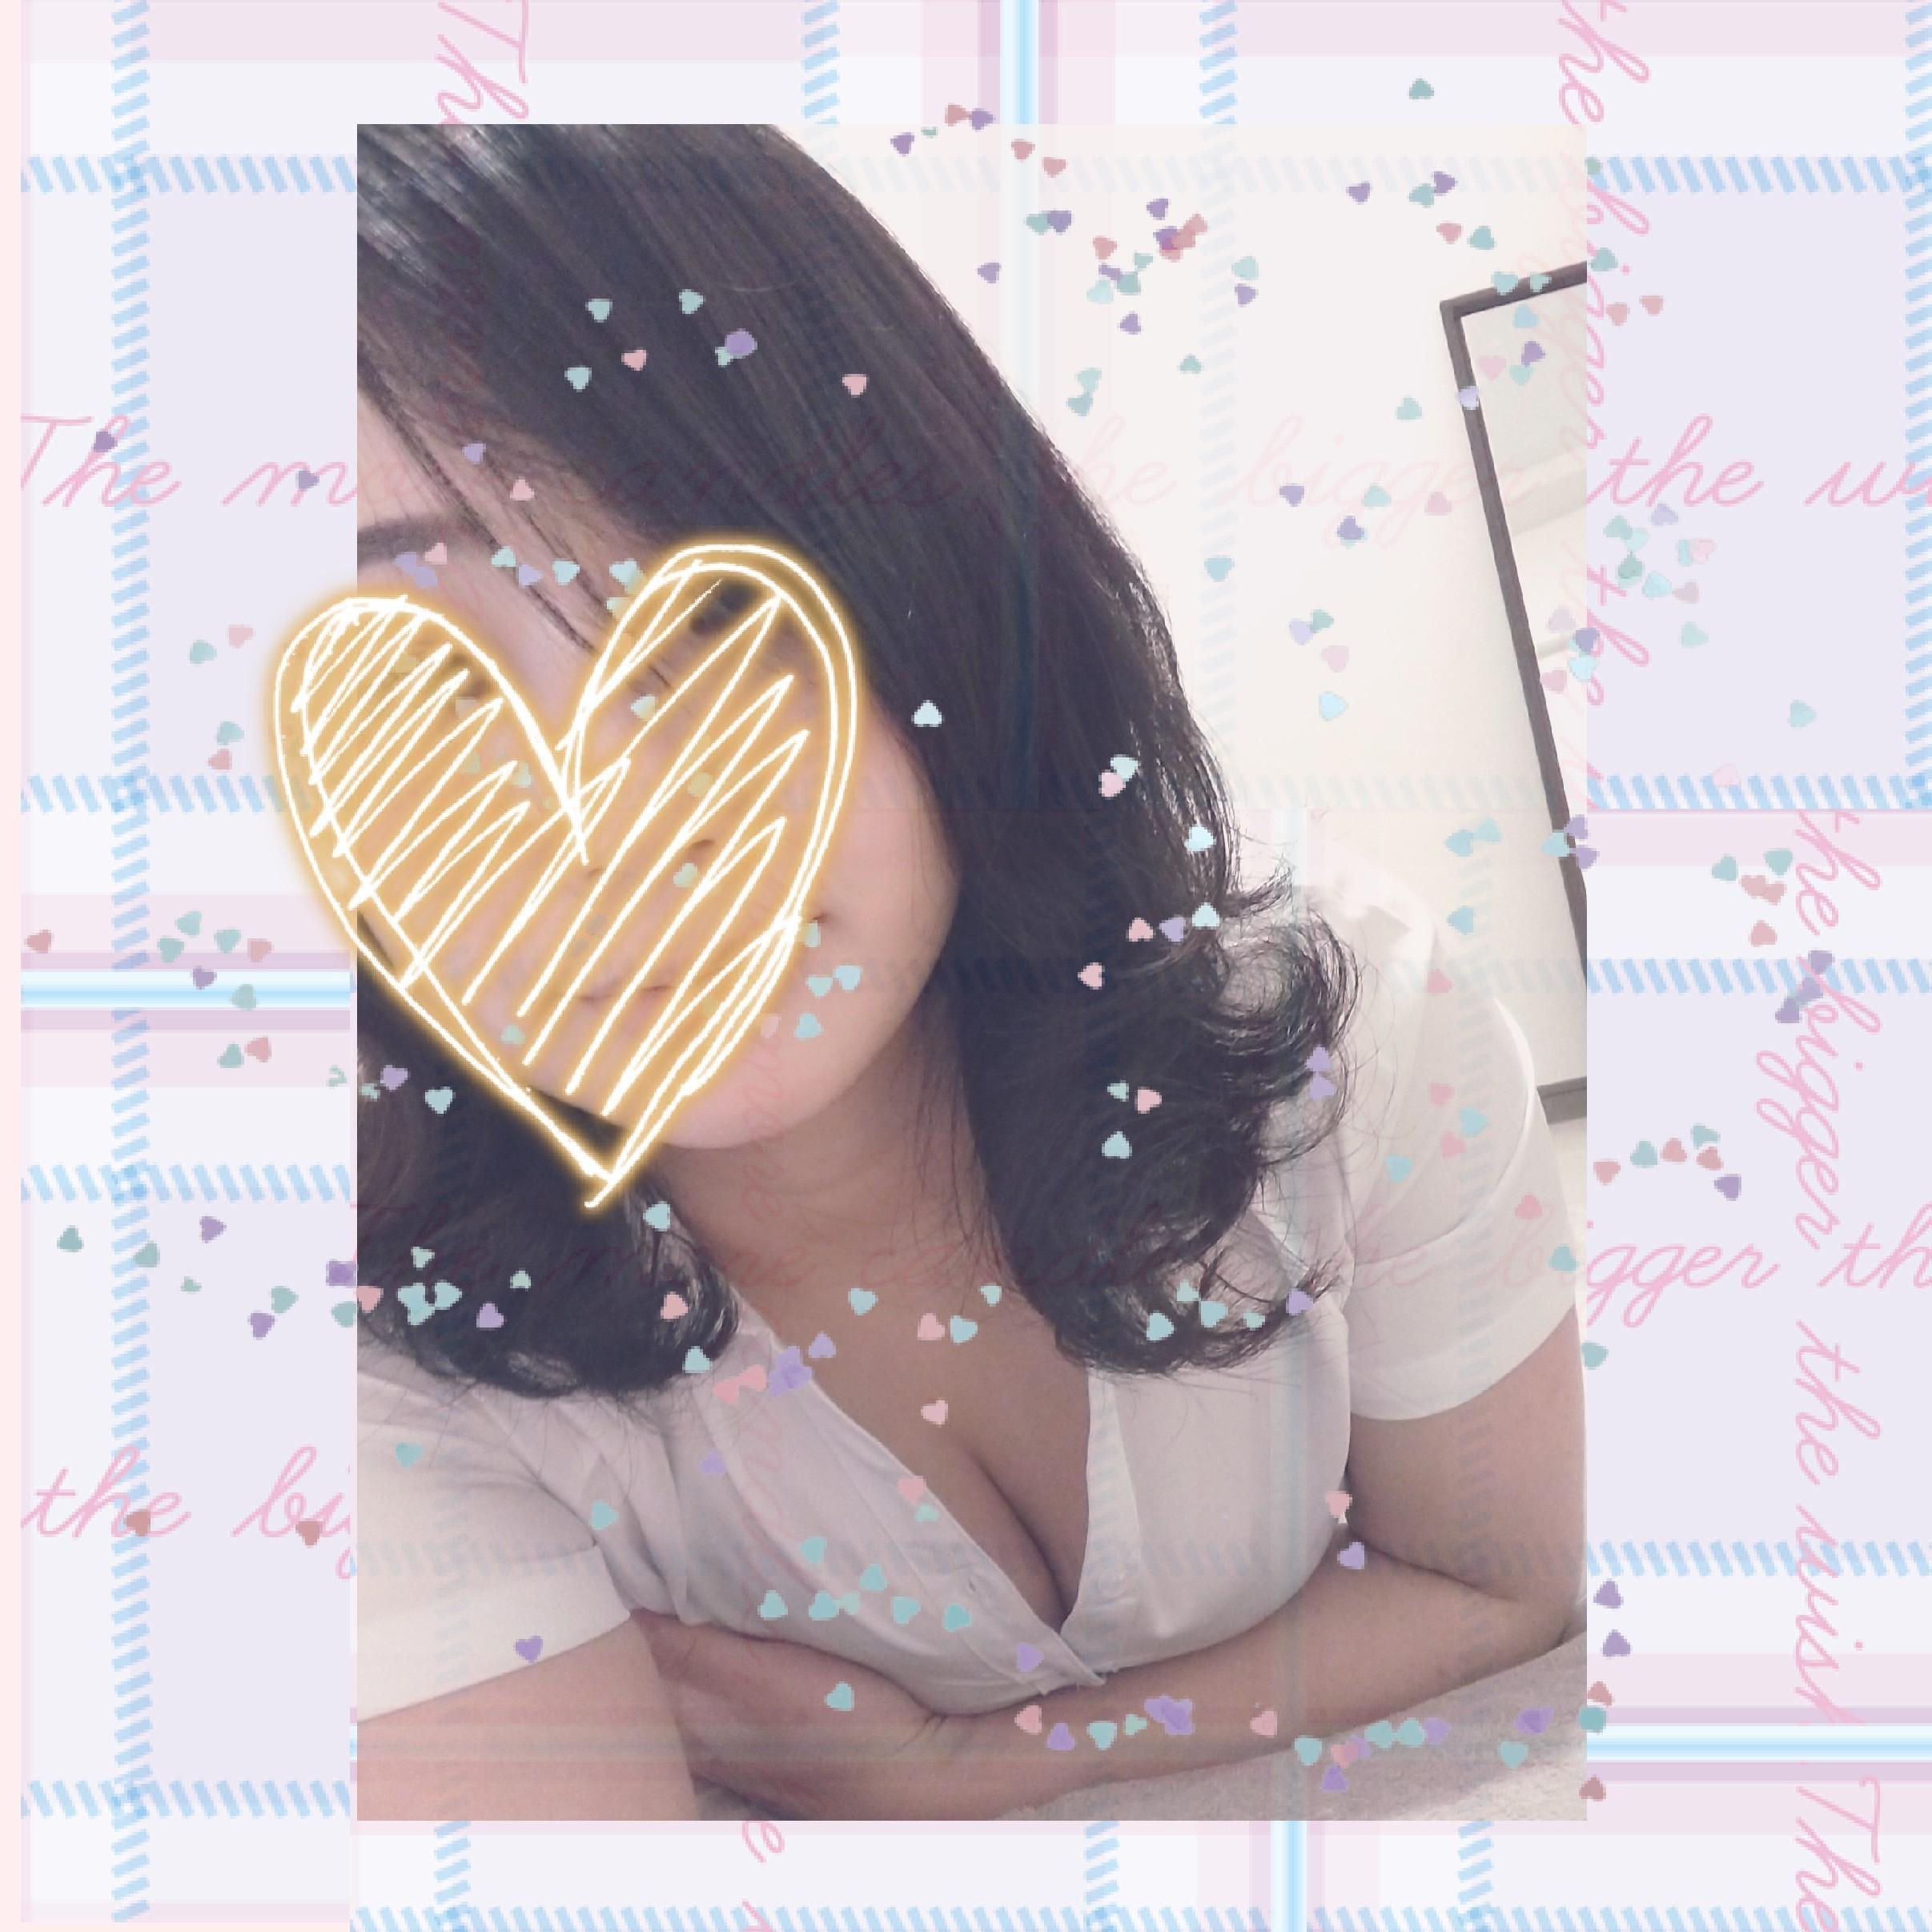 「出勤してます♡」02/27(02/27) 13:37 | 藤村みかの写メ・風俗動画